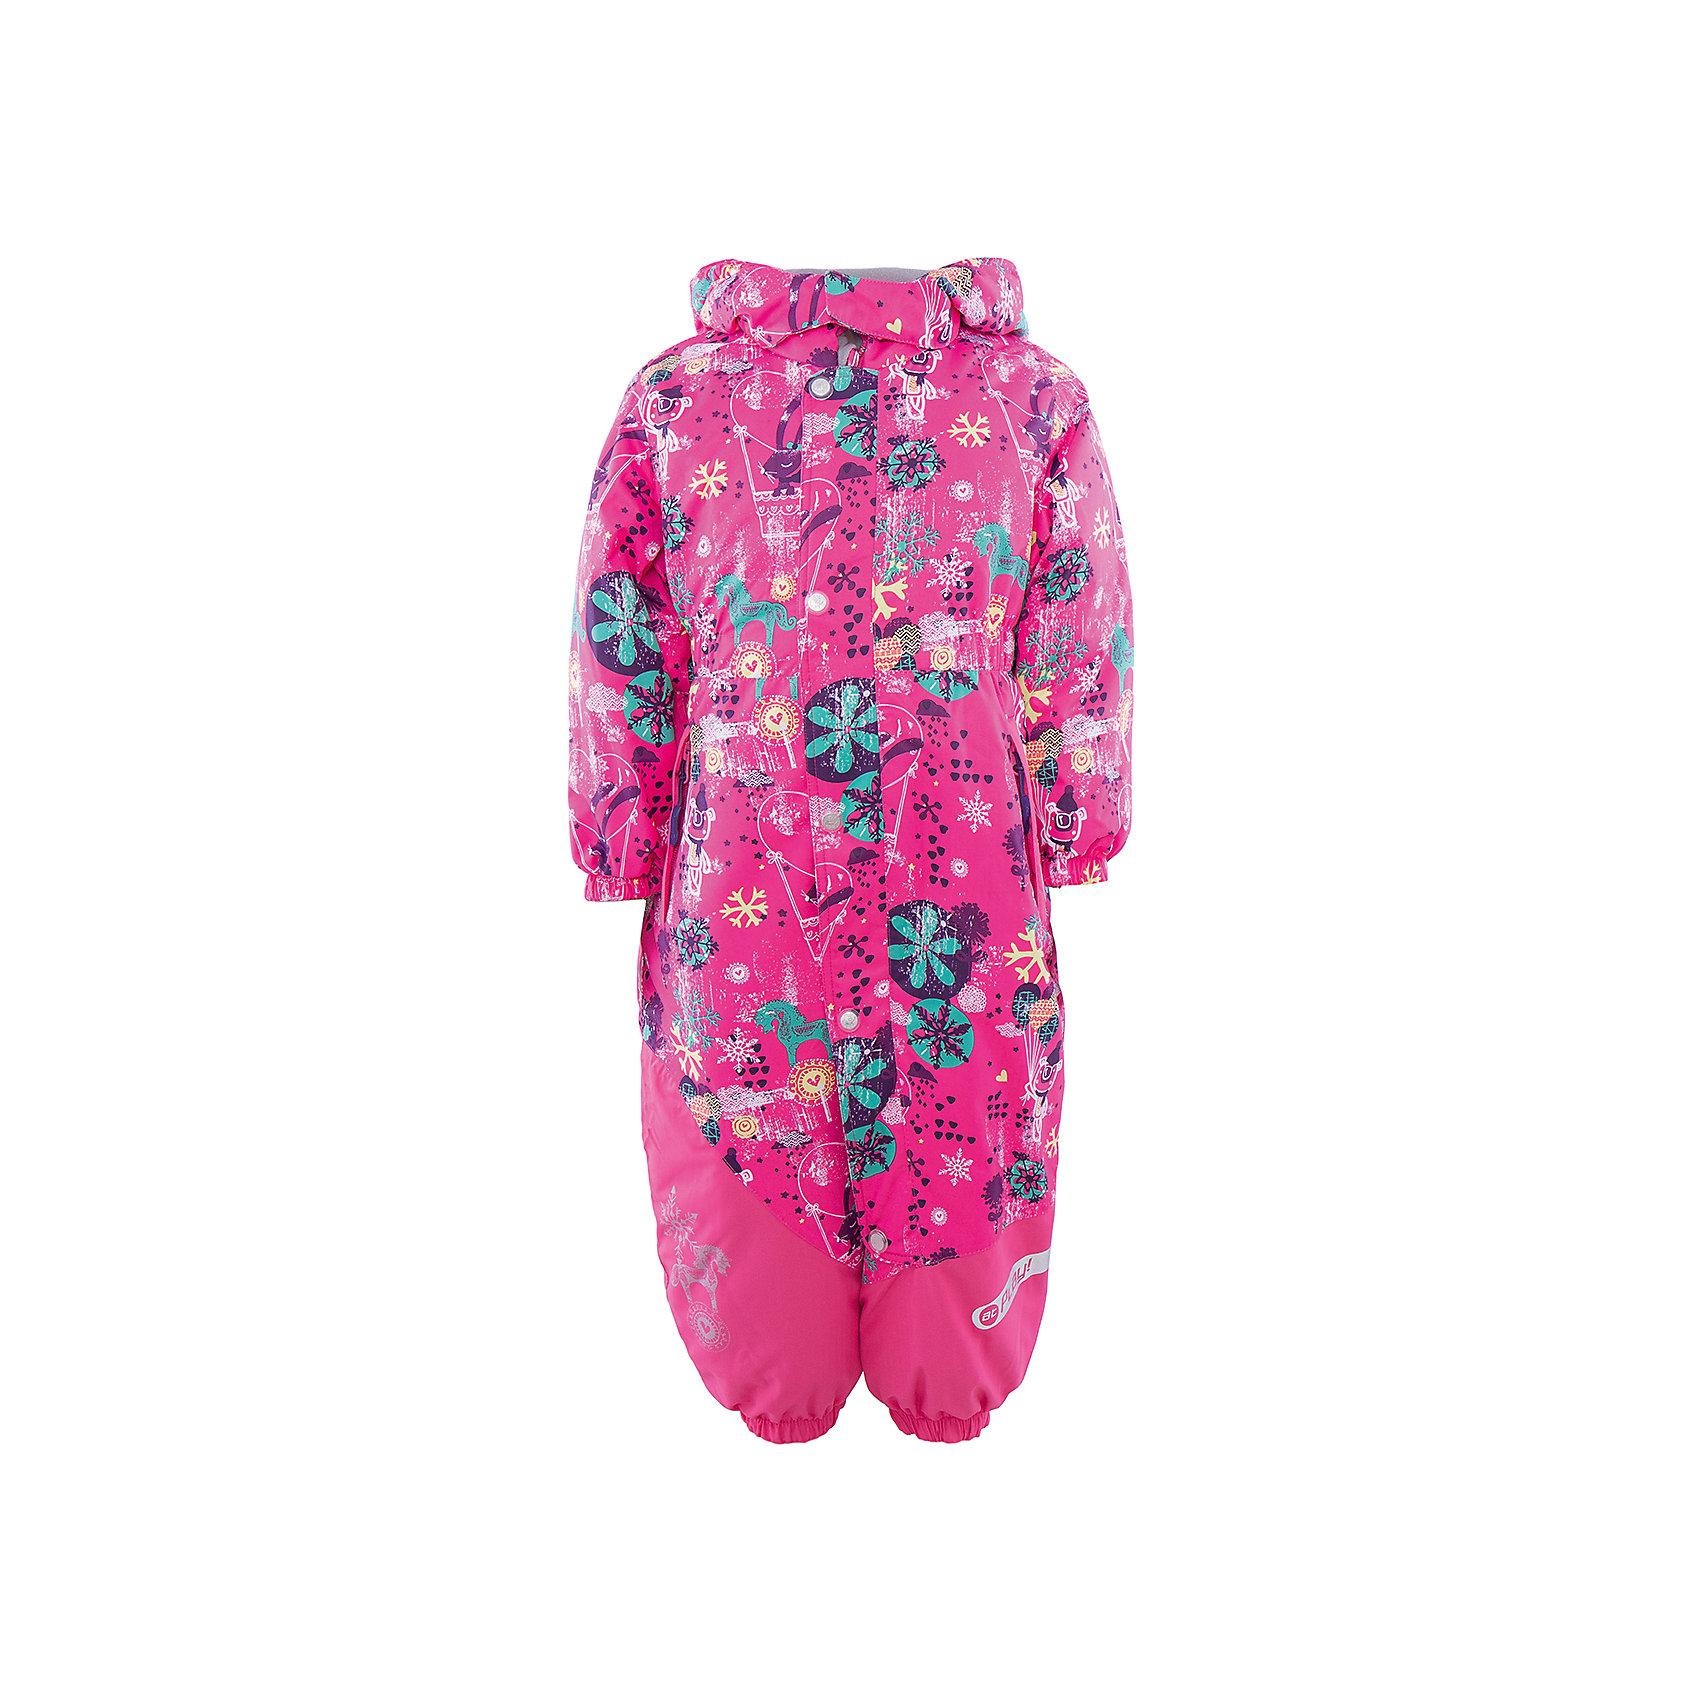 Комбинезон для девочки atPlay!Верхняя одежда<br>Зимой необходимо особенно тщательно подходить к подбору одежды для ребенка. Чтобы обеспечить ему тепло, сухость и комфорт, можно выбрать этот комбинезон, сшитый из мембранного материала.<br>Он позволяет коже дышать, помогает выводить лишнюю влагу, при этом не позволяет ребенку замерзнуть или промокнуть. Выглядит при этом модель очень симпатично! Изделие выполнено очень качественно. Фурнитура для него подбиралась с учетом особенностей детского организма. В комплекте идет также мягкий флисовый комбинезон, который надевается под основной.<br><br><br>Дополнительная информация:<br><br>цвет: фиолетовый;<br>материал: полиэстер, фурнитура YKK, водо- и грязеотталкивающее покрытие Teflon, нижний комбинезон - флис;<br>утеплитель: Thinsulate 200 г;<br>температурный режим: от -30°С до +5° С;<br>мягкие элементы на капюшоне и воротнике;<br>паропроницаемость: 10000 г / м.куб. / 24 ч;<br>водонепроницаемость: 10000 мм / 24 ч;<br>швы проклеены;<br>капюшон регулируется;<br>планка от ветра (двойная);<br>штрипки из силикона можно снять;<br>карманы застегиваются на молнию;<br>утепленные колени;<br>детали, отражающие свет.<br><br>Комбинезон для девочки от бренда atPlay! можно приобрести в нашем интернет-магазине.<br><br>Ширина мм: 356<br>Глубина мм: 10<br>Высота мм: 245<br>Вес г: 519<br>Цвет: розовый<br>Возраст от месяцев: 12<br>Возраст до месяцев: 18<br>Пол: Женский<br>Возраст: Детский<br>Размер: 86,98,92<br>SKU: 4940468